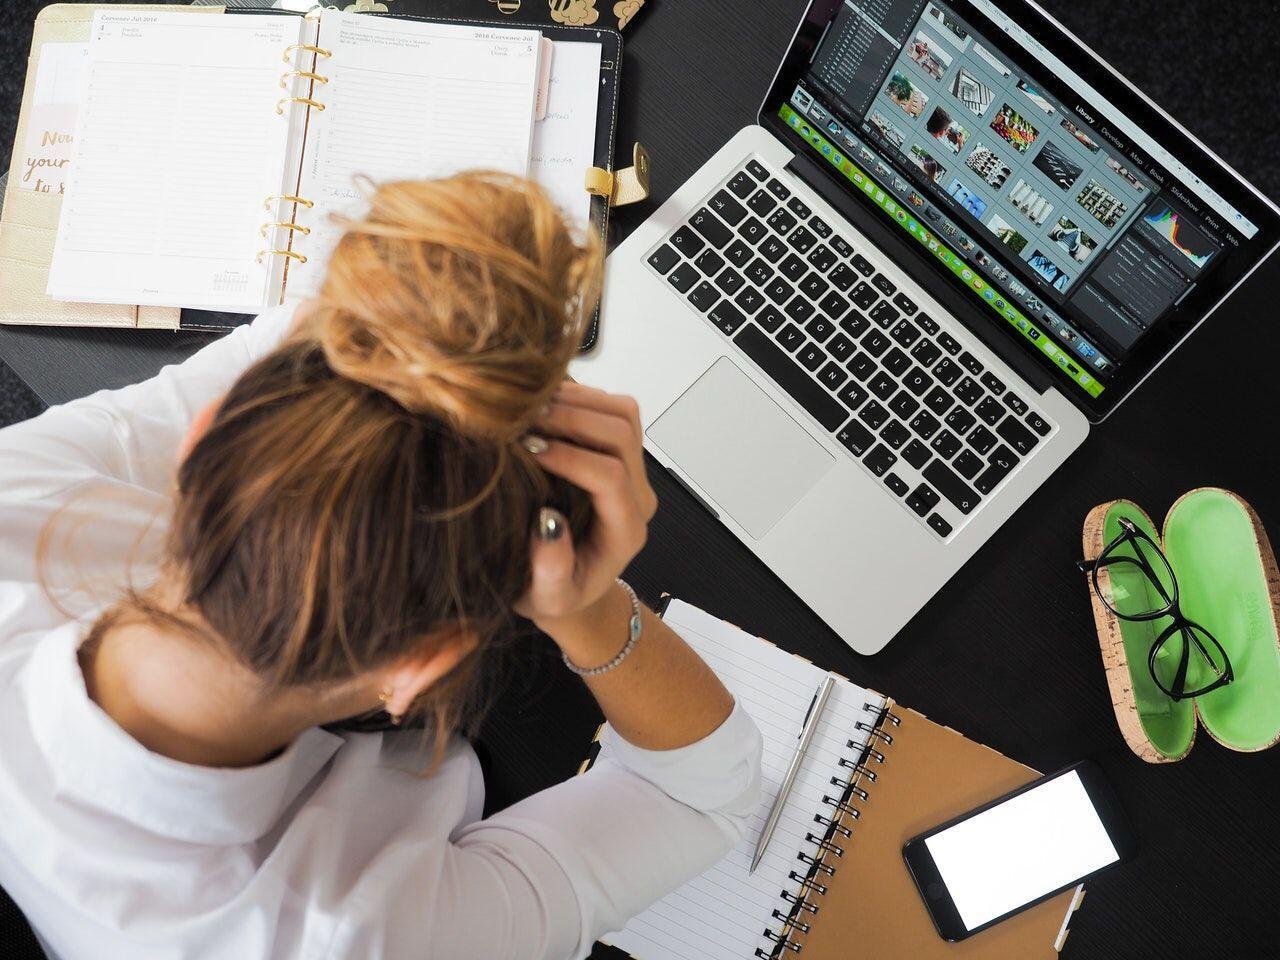 Bosan dengan Pekerjaan, Pikirkan 4 Hal Ini Sebelum Resign